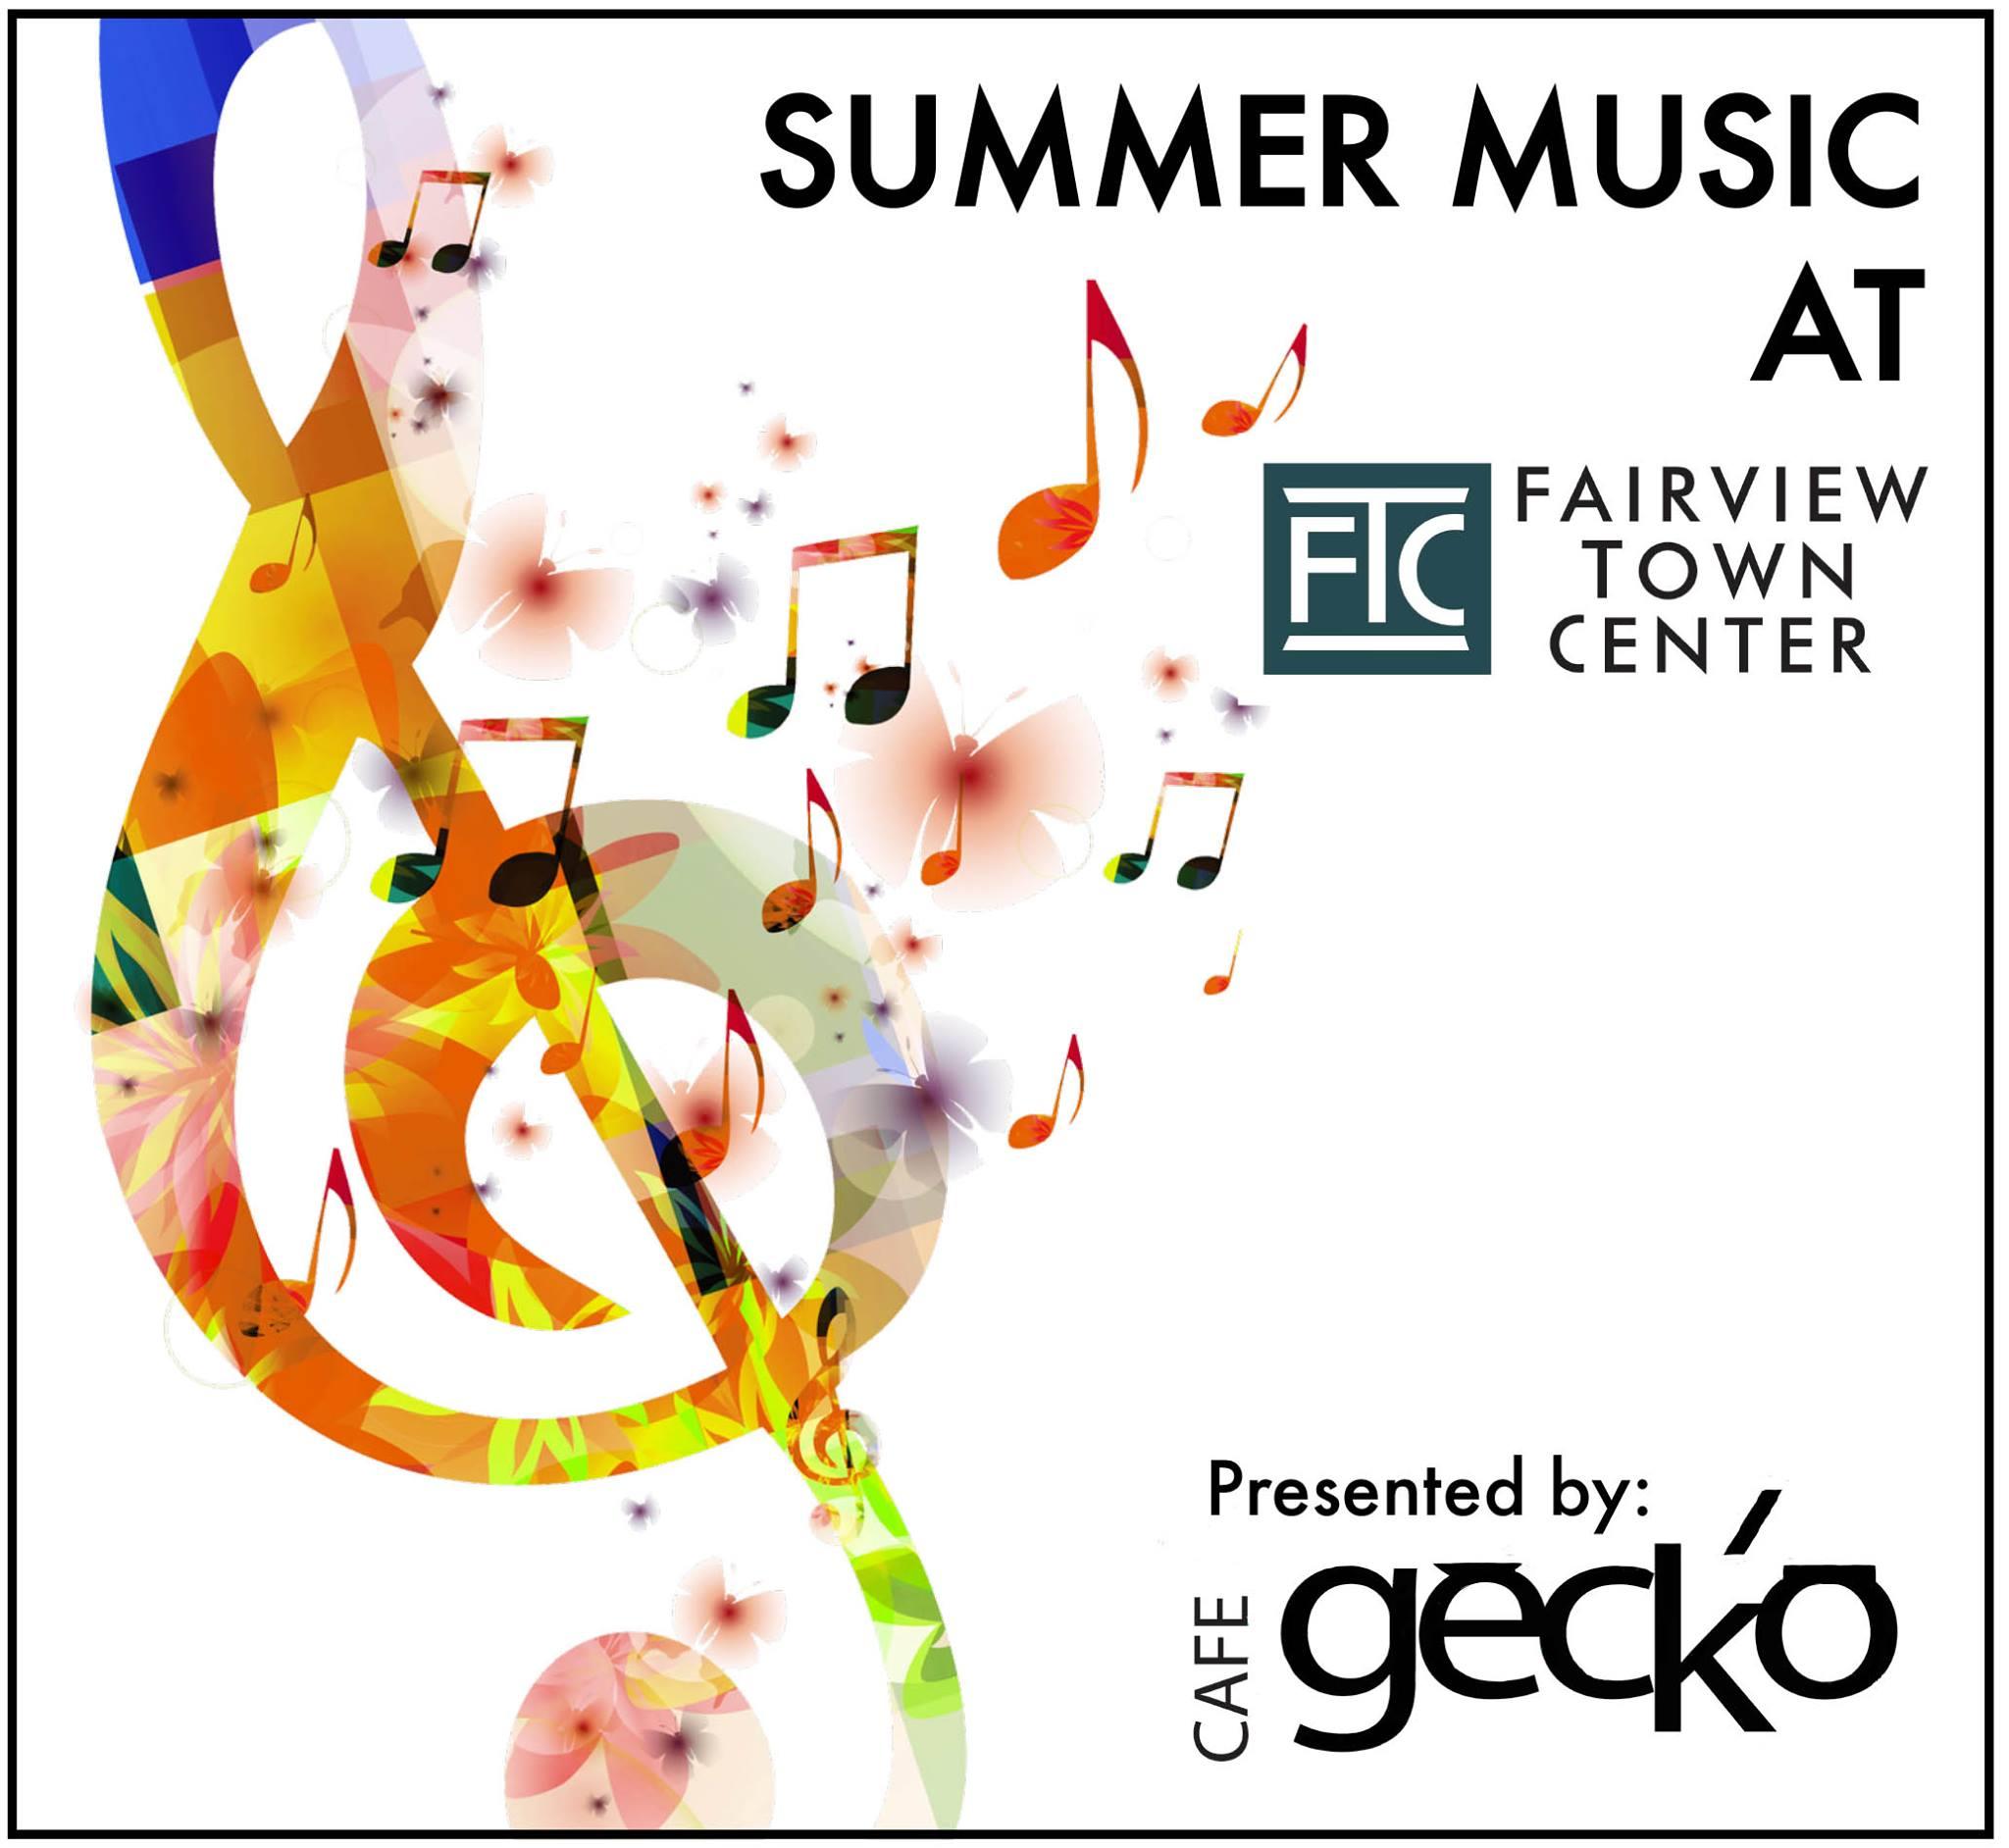 Summer Music at Fairview Town Center